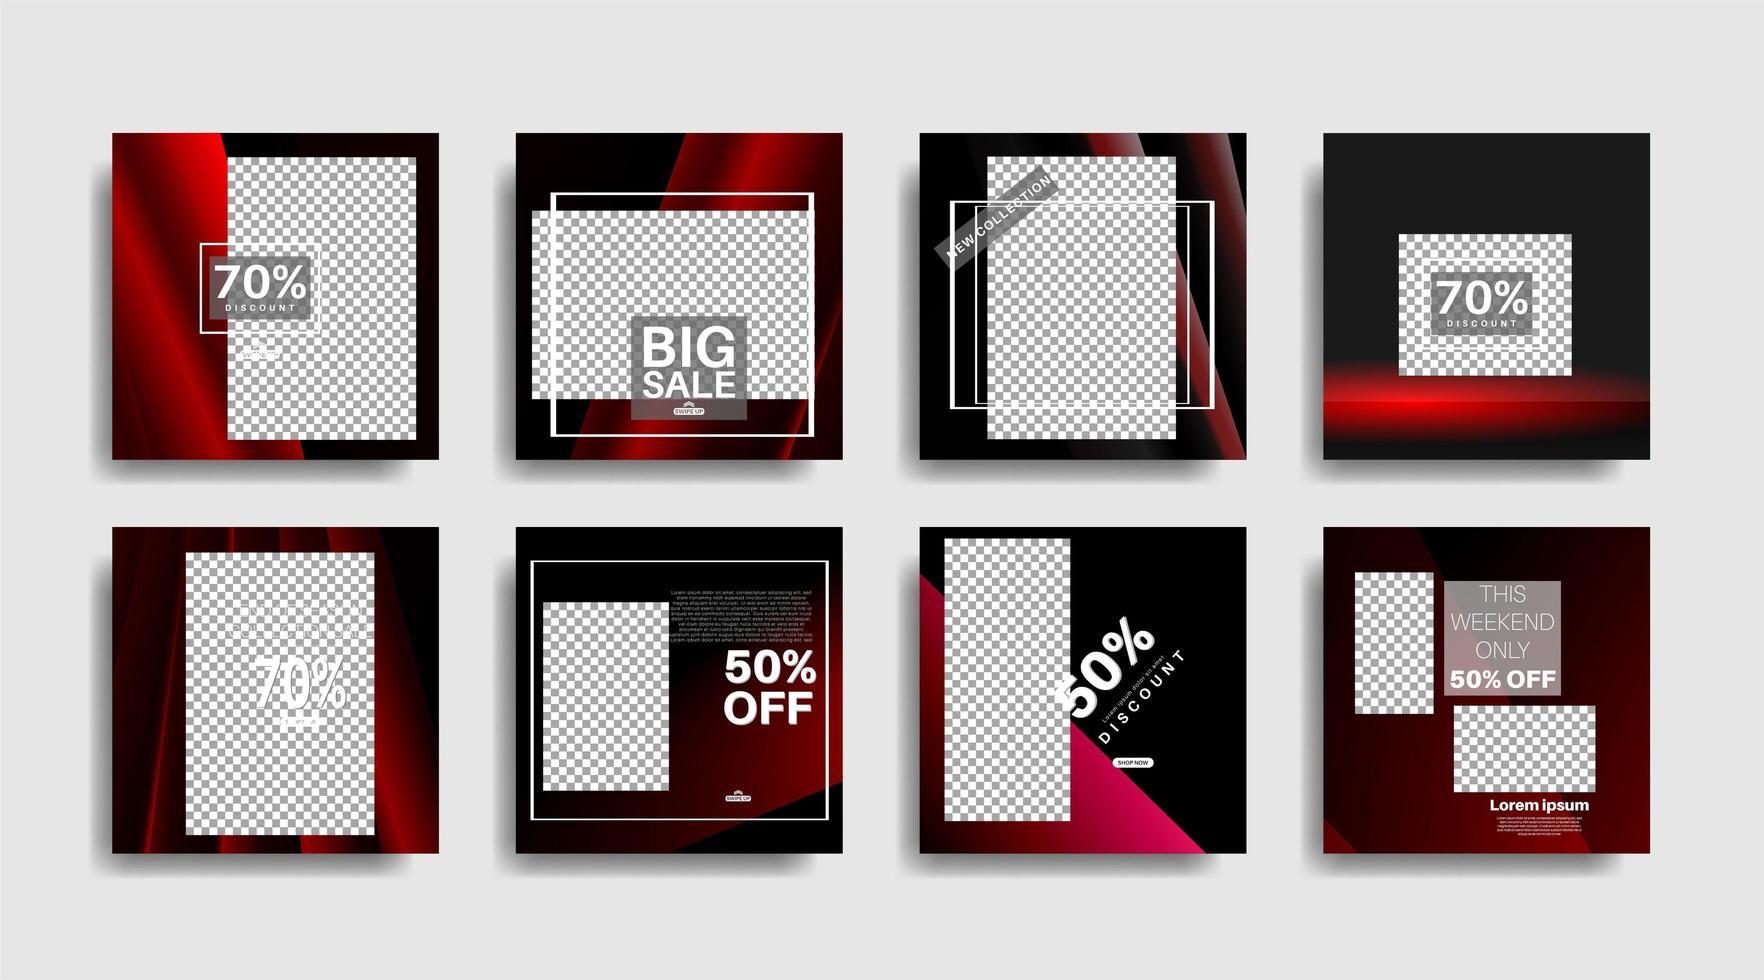 modern marknadsföring fyrkantig webb banner för sociala medier vektor design illustration